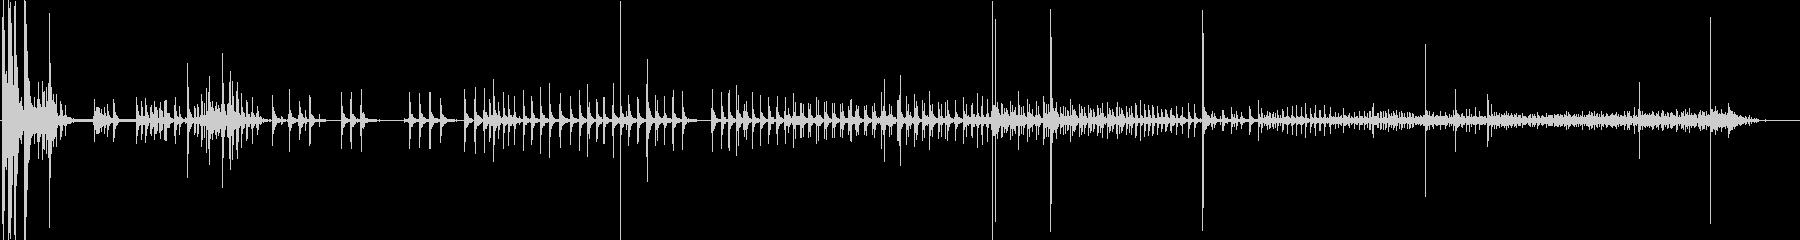 ウッドランバー:ミディアムクリーキ...の未再生の波形